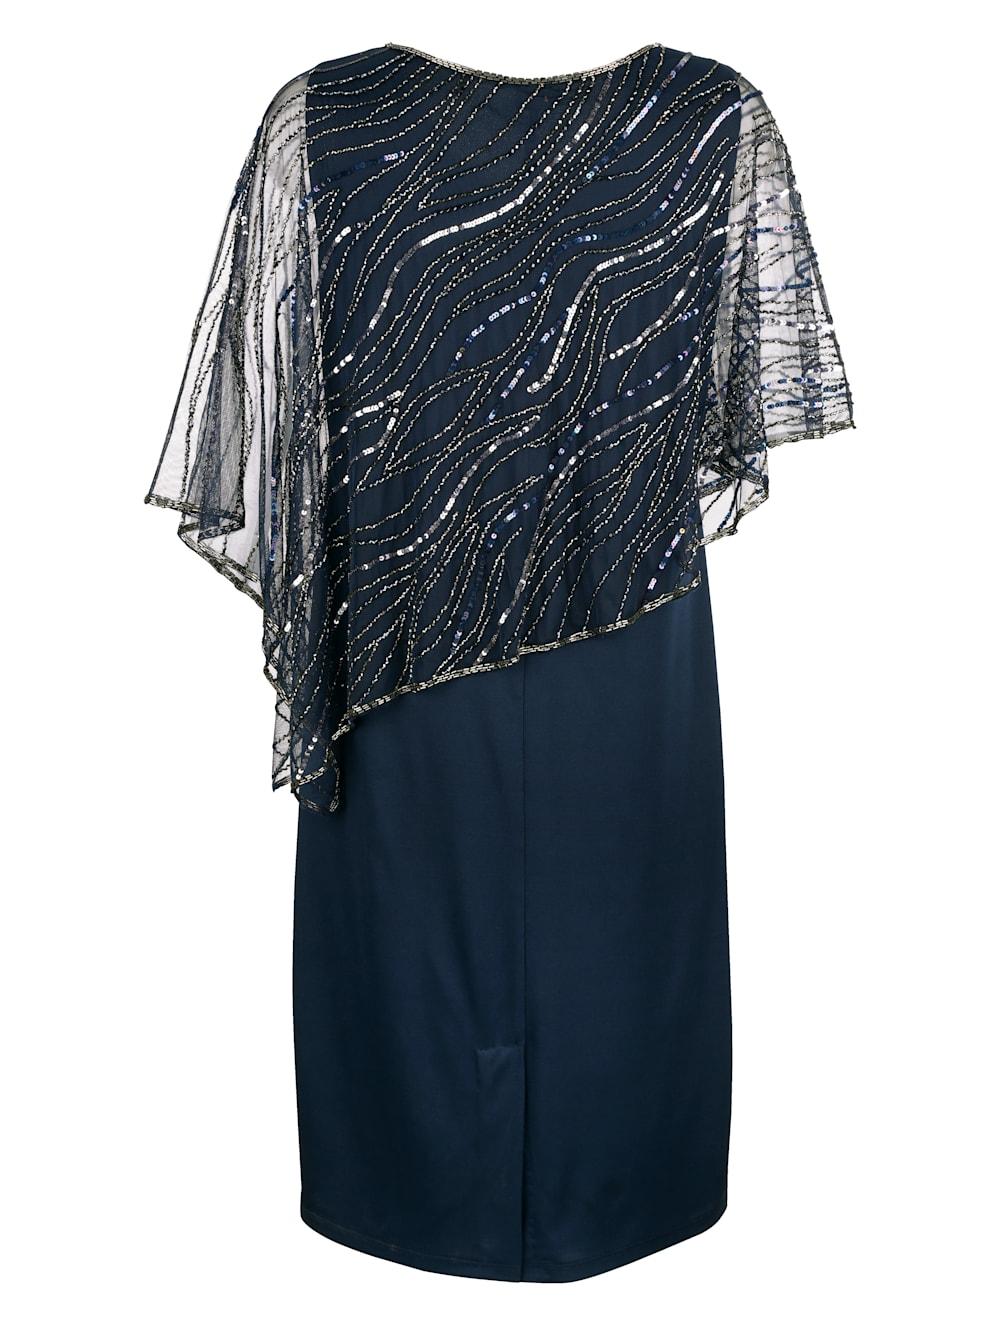 MONA Kleid mit bestickten Überwurf  MONA